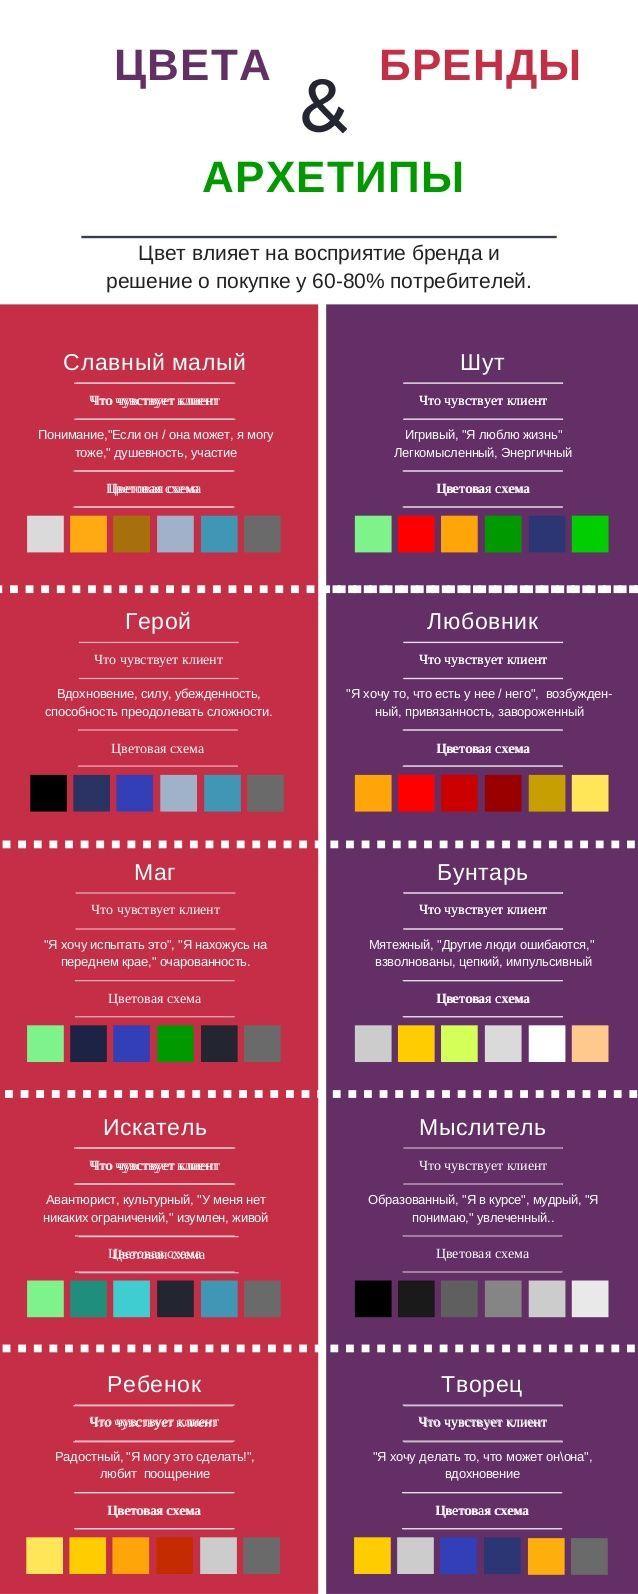 Как выбрать цветовую схему для архетипа бренда? Бизнес # ...